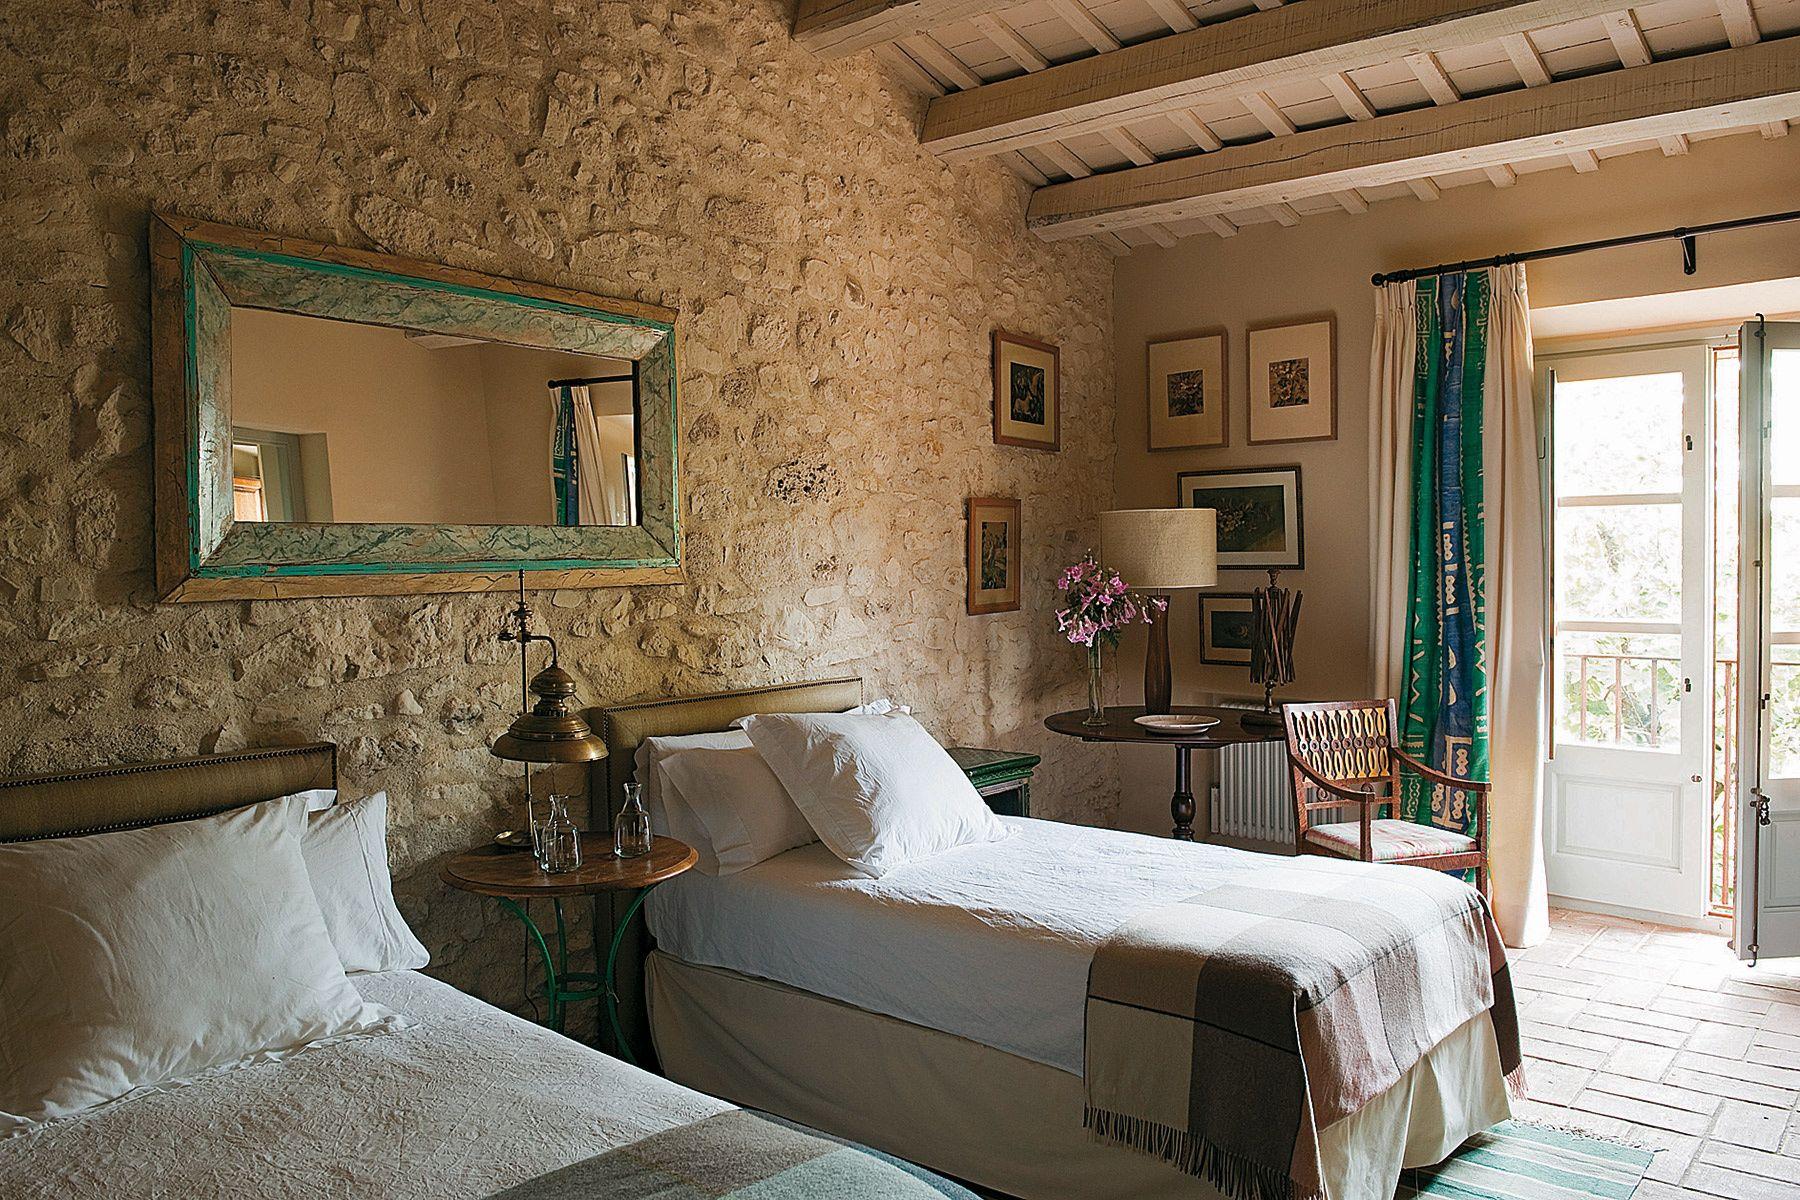 Dise adores de interiores famoso dormitorios casa dise o - Disenadores de casas ...